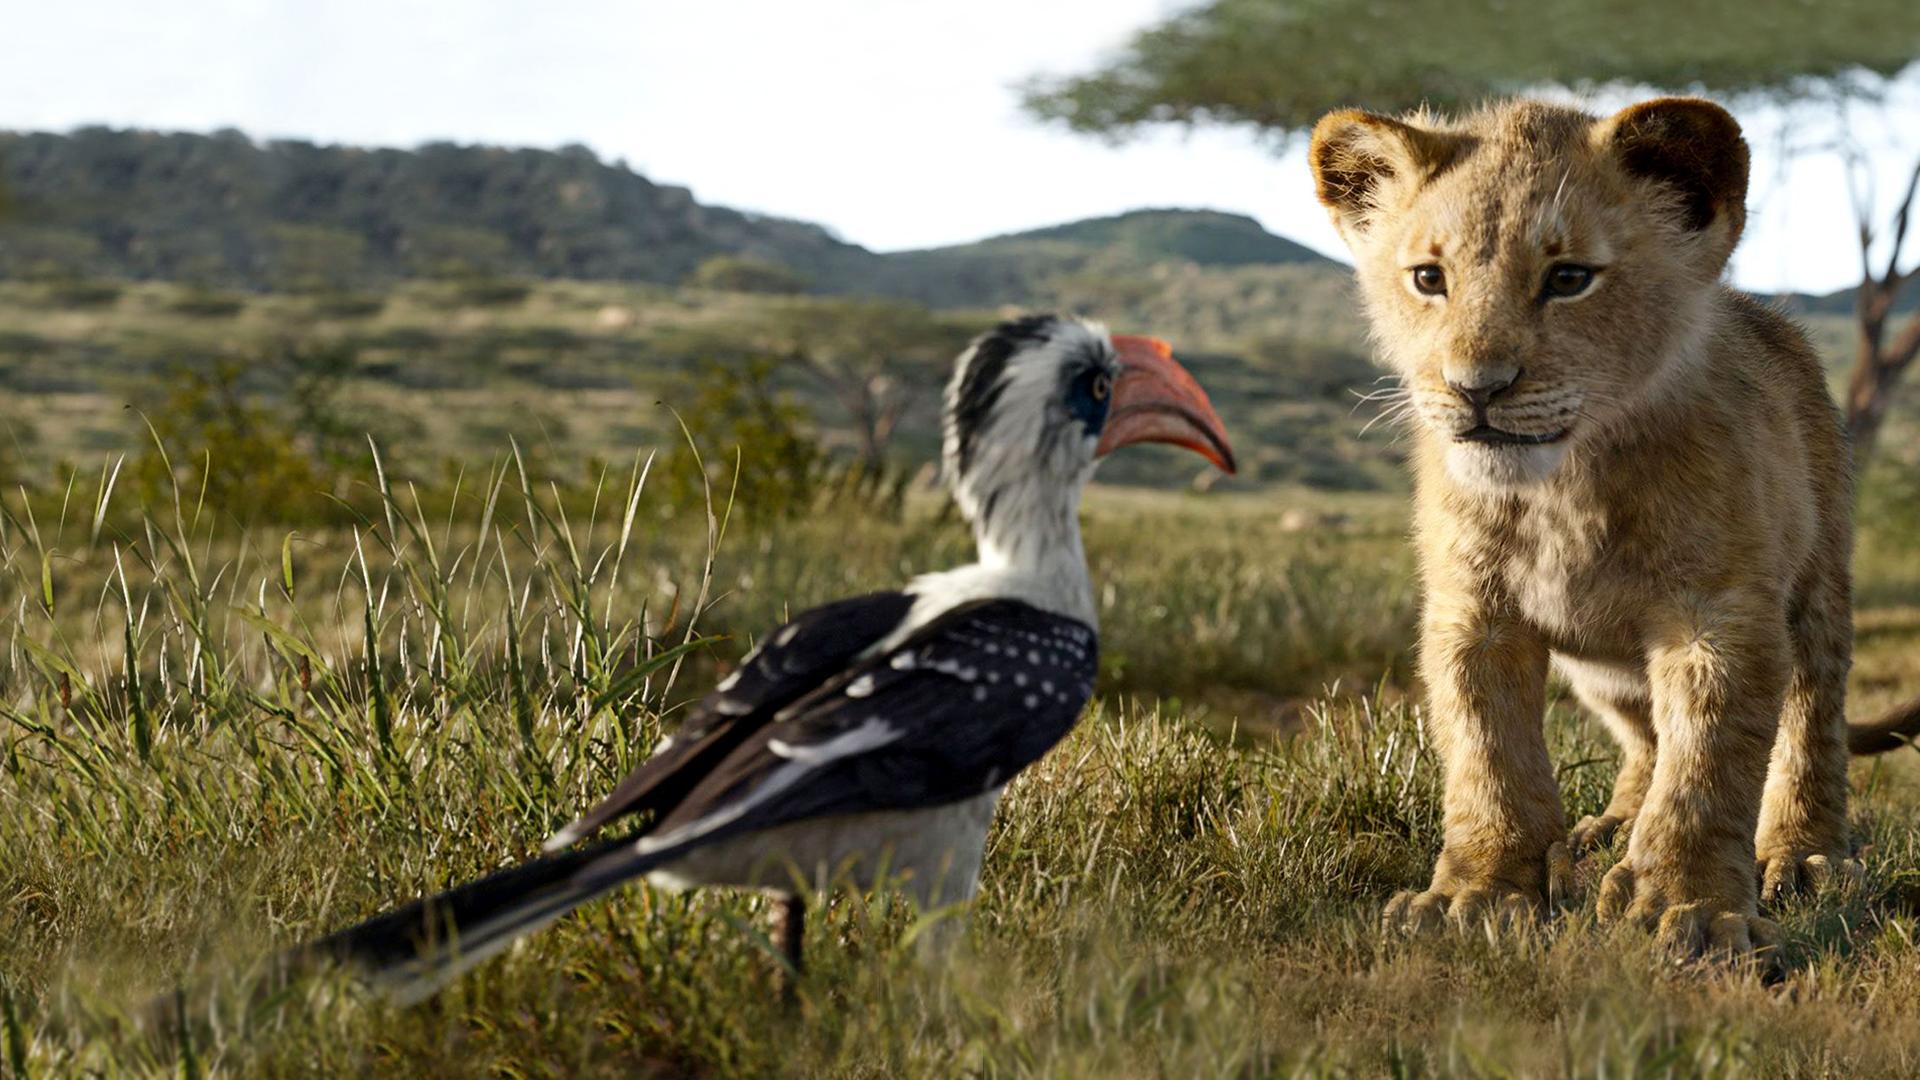 Filmbeschreibung zu Der König der Löwen